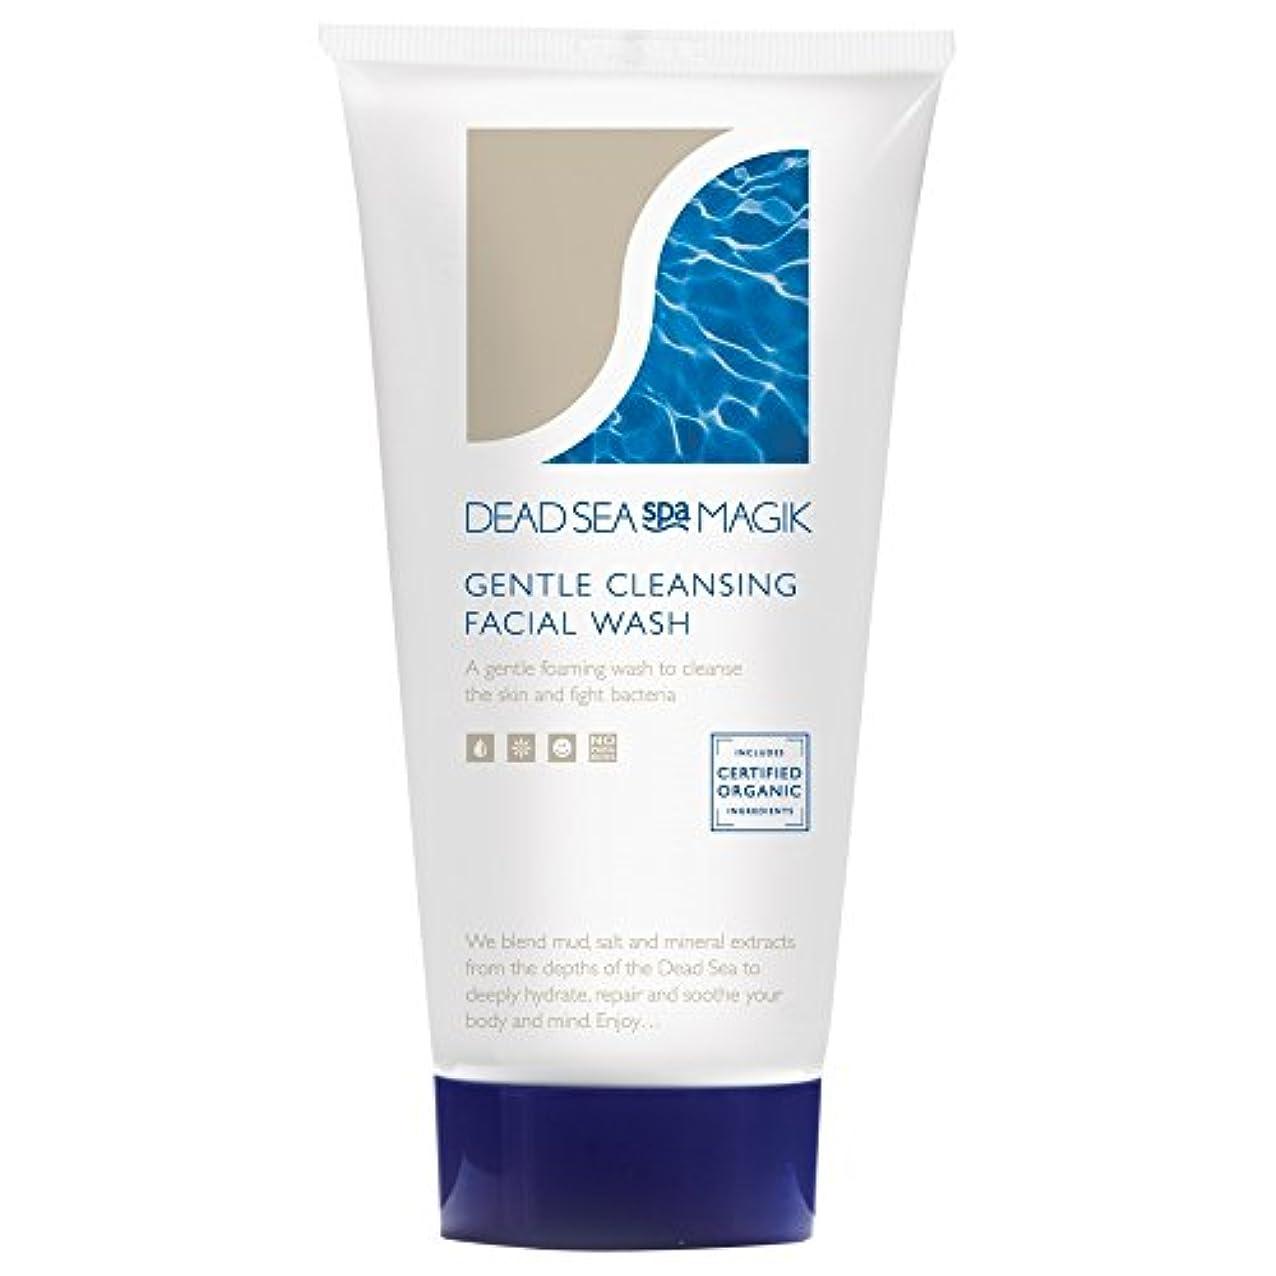 感謝している慈善ポスター死海のスパマジック洗顔料、150ミリリットル (Dead Sea Spa Magik) - Dead Sea Spa Magik Facial Wash, 150ml [並行輸入品]